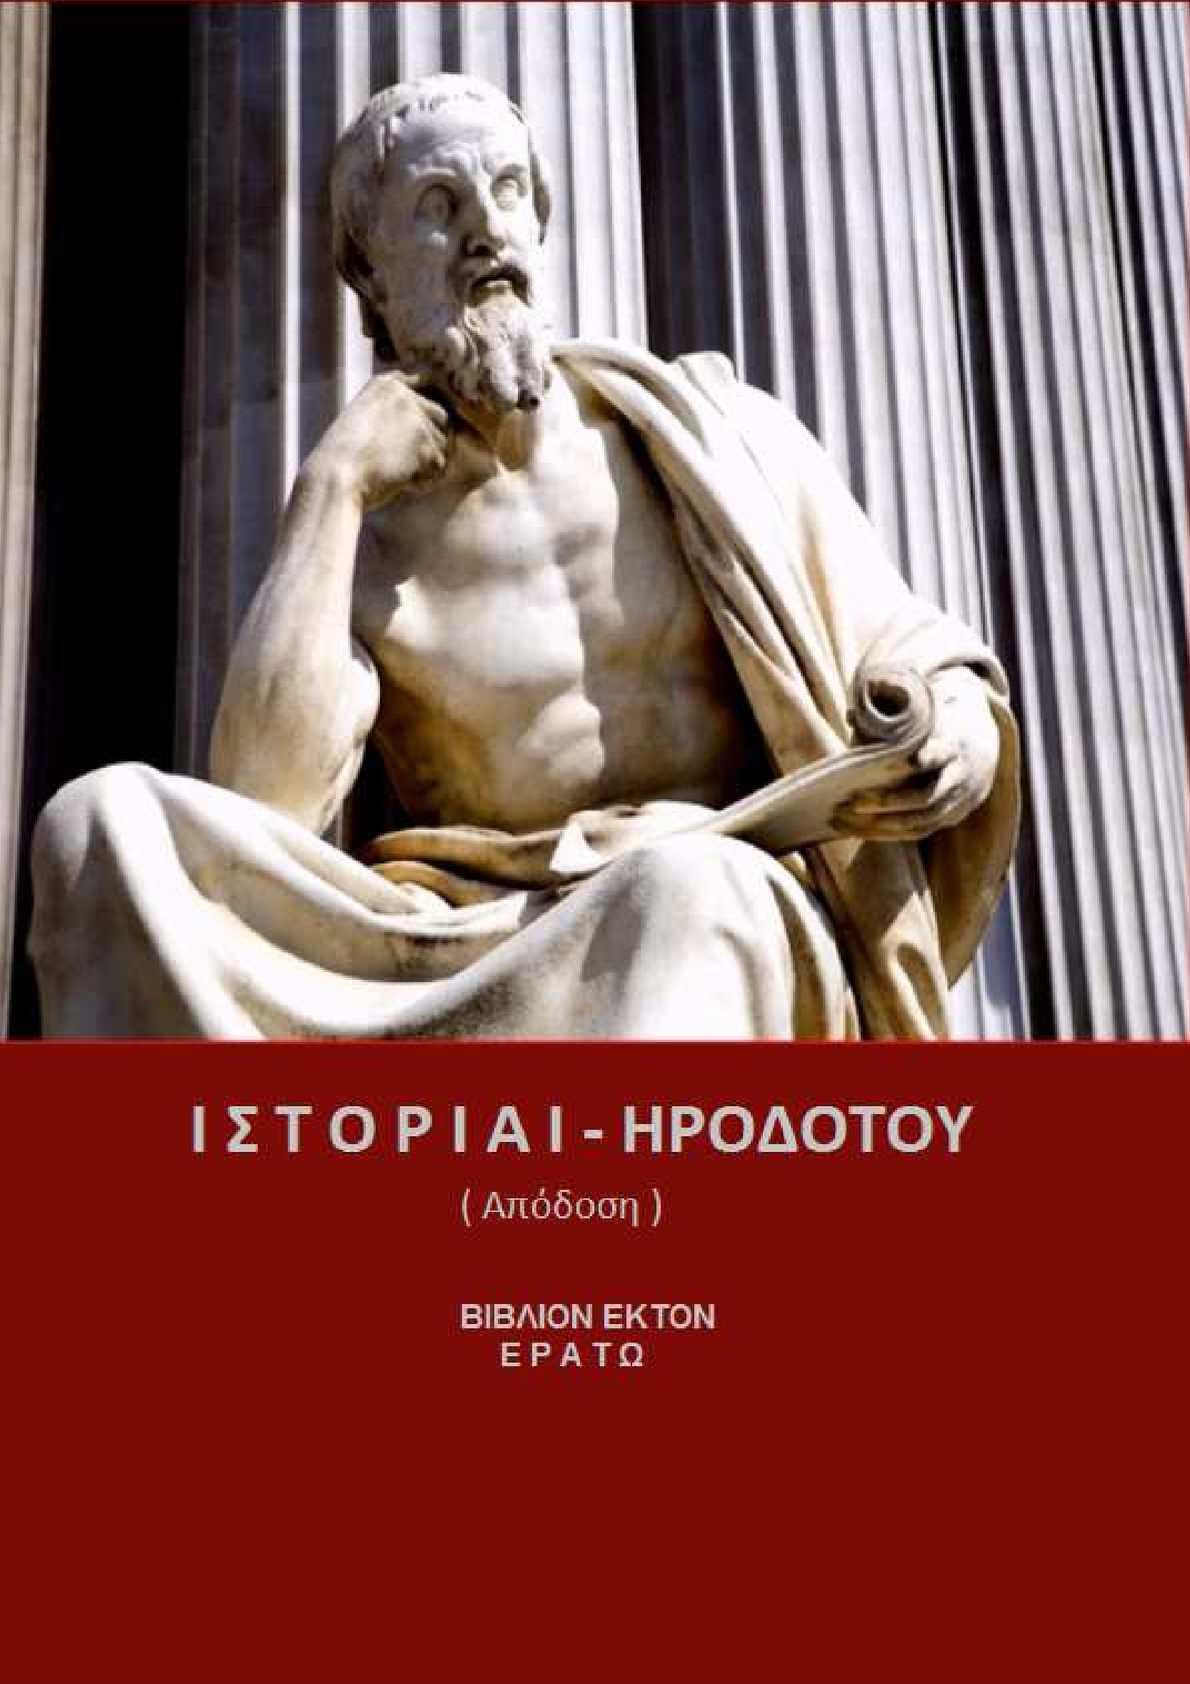 ΗΡΟΔΟΤΟΣ - Ε Ρ Α Τ Ω (Απόδοση)- http://www.projethomere.com